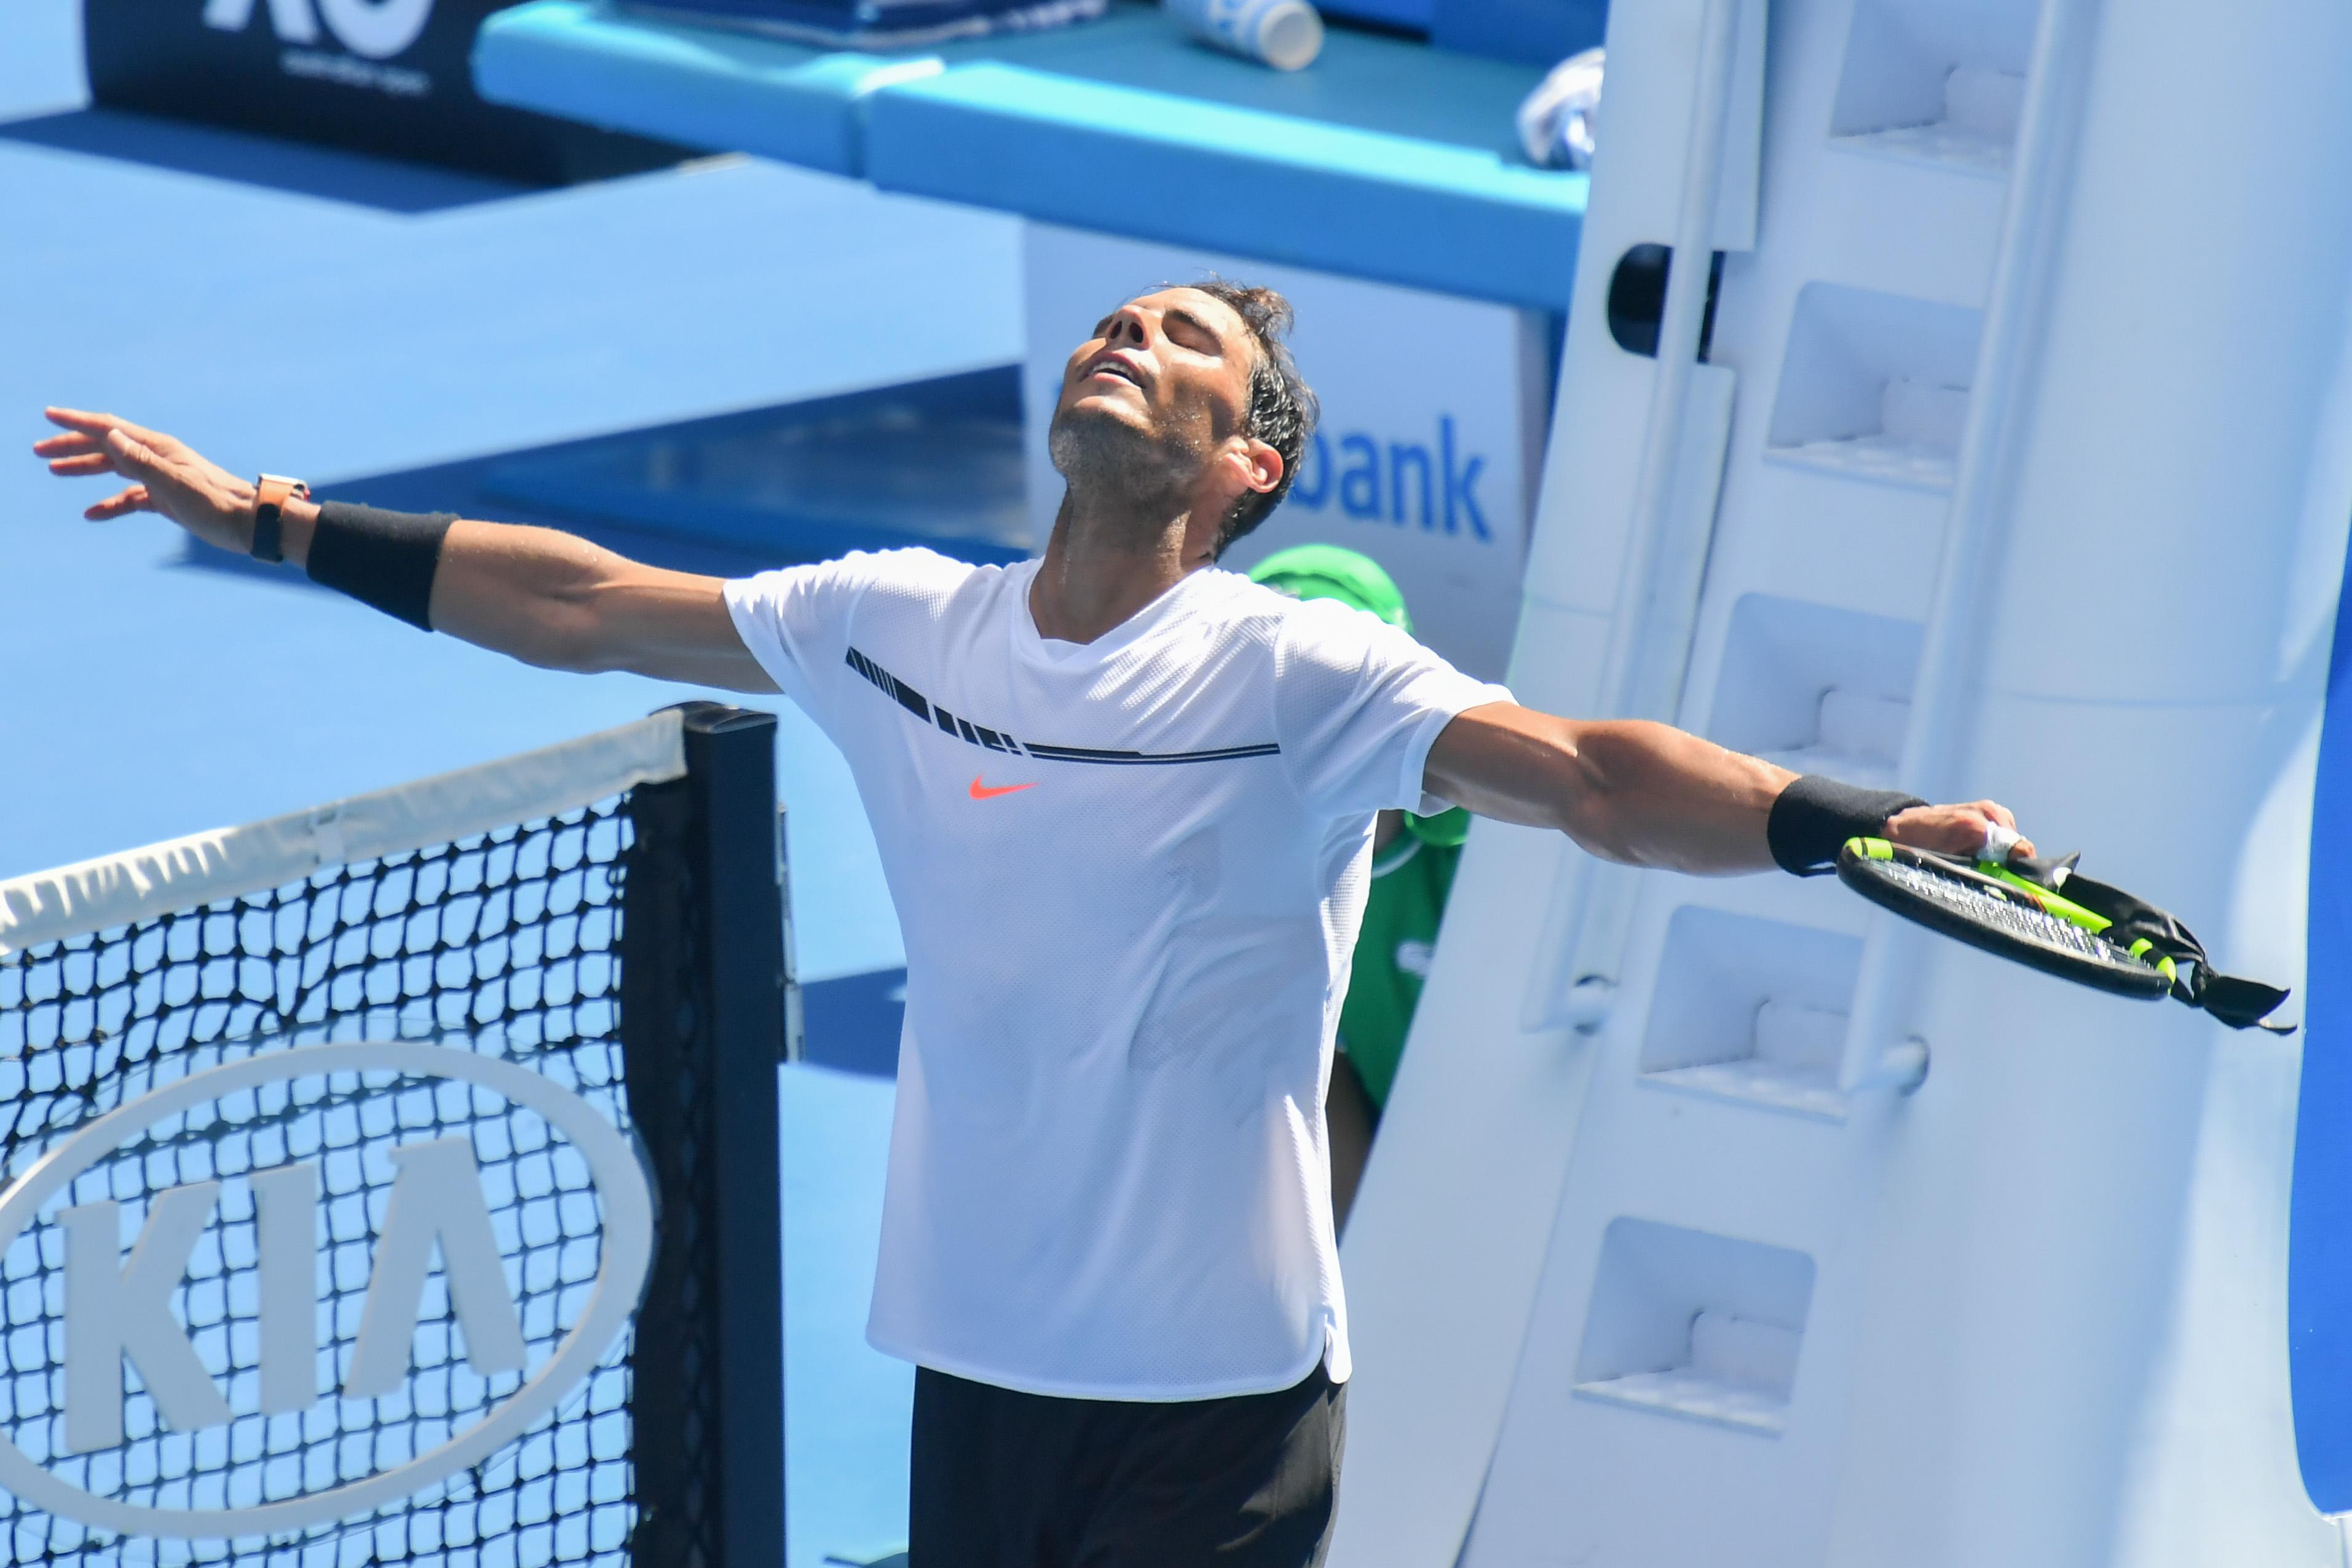 Tennis - Open Australie - Monfils et 6 Français, Nadal-Baghdatis: jeudi de grosse chaleur prévu à Melbourne